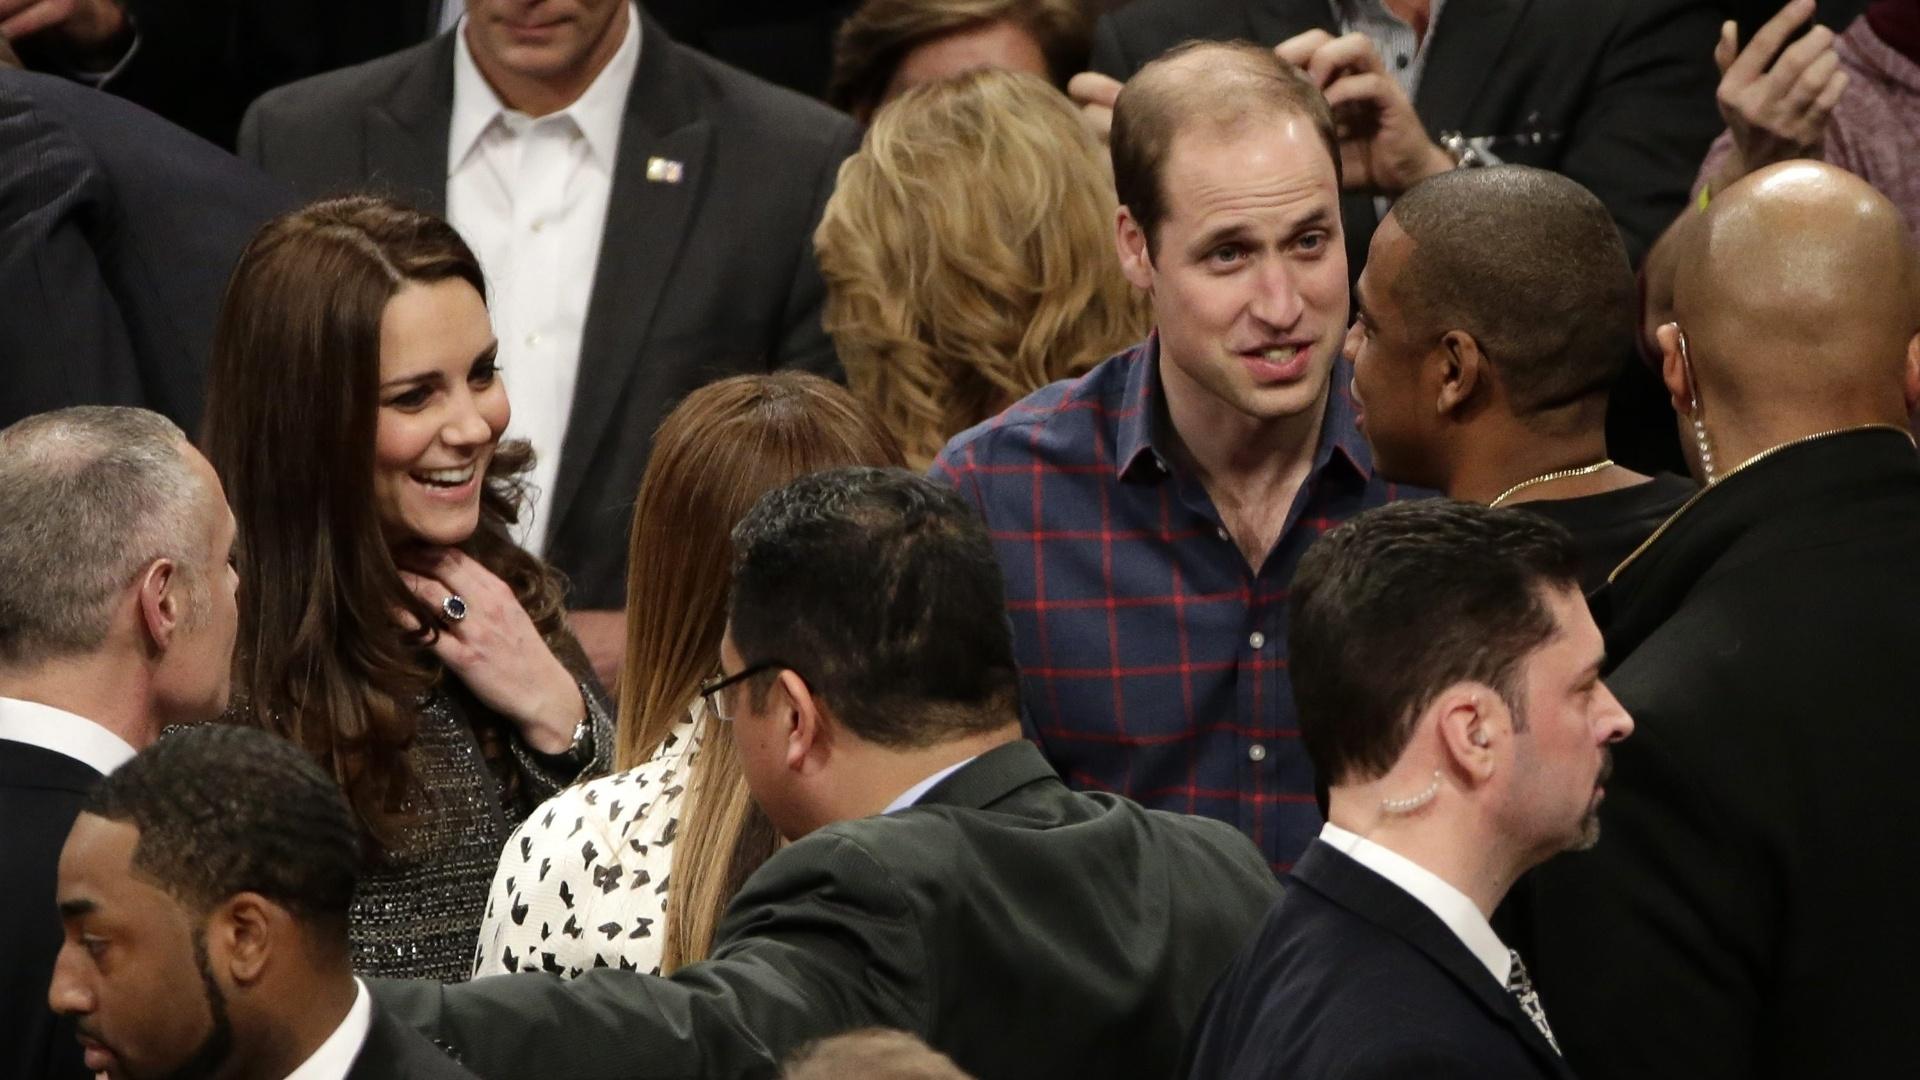 8.dez.2014 - Príncipe William e Kate Middleton assistem a uma partida de basquete da NBA em Nova York nesta segunda-feira. O casal encontrou a realeza do R&B, Beyoncé e Jay-Z